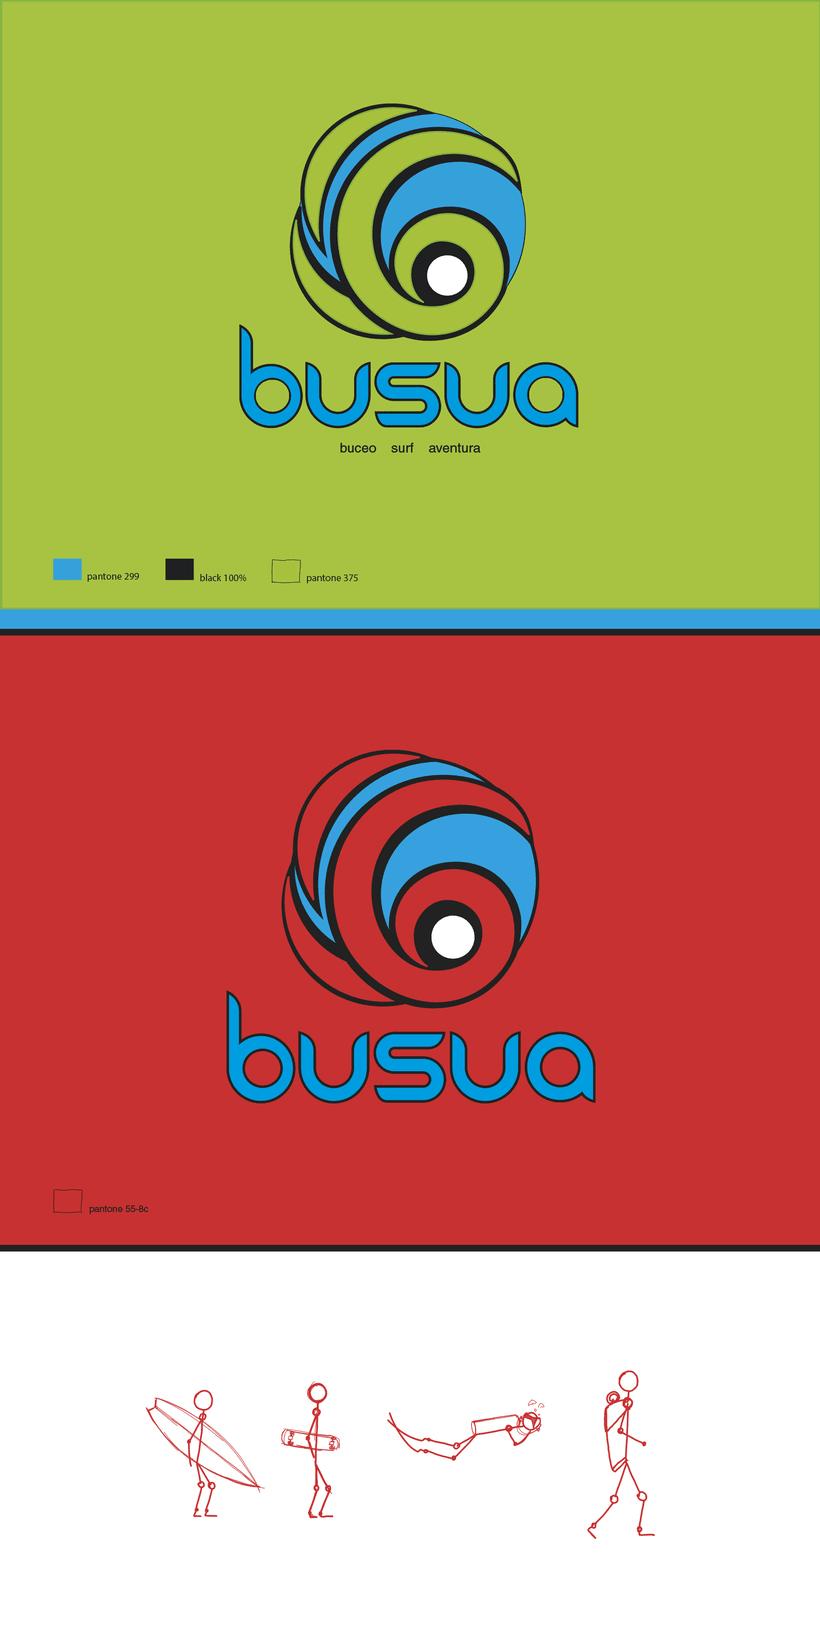 Busua (buceo, Surf y aventura) 1